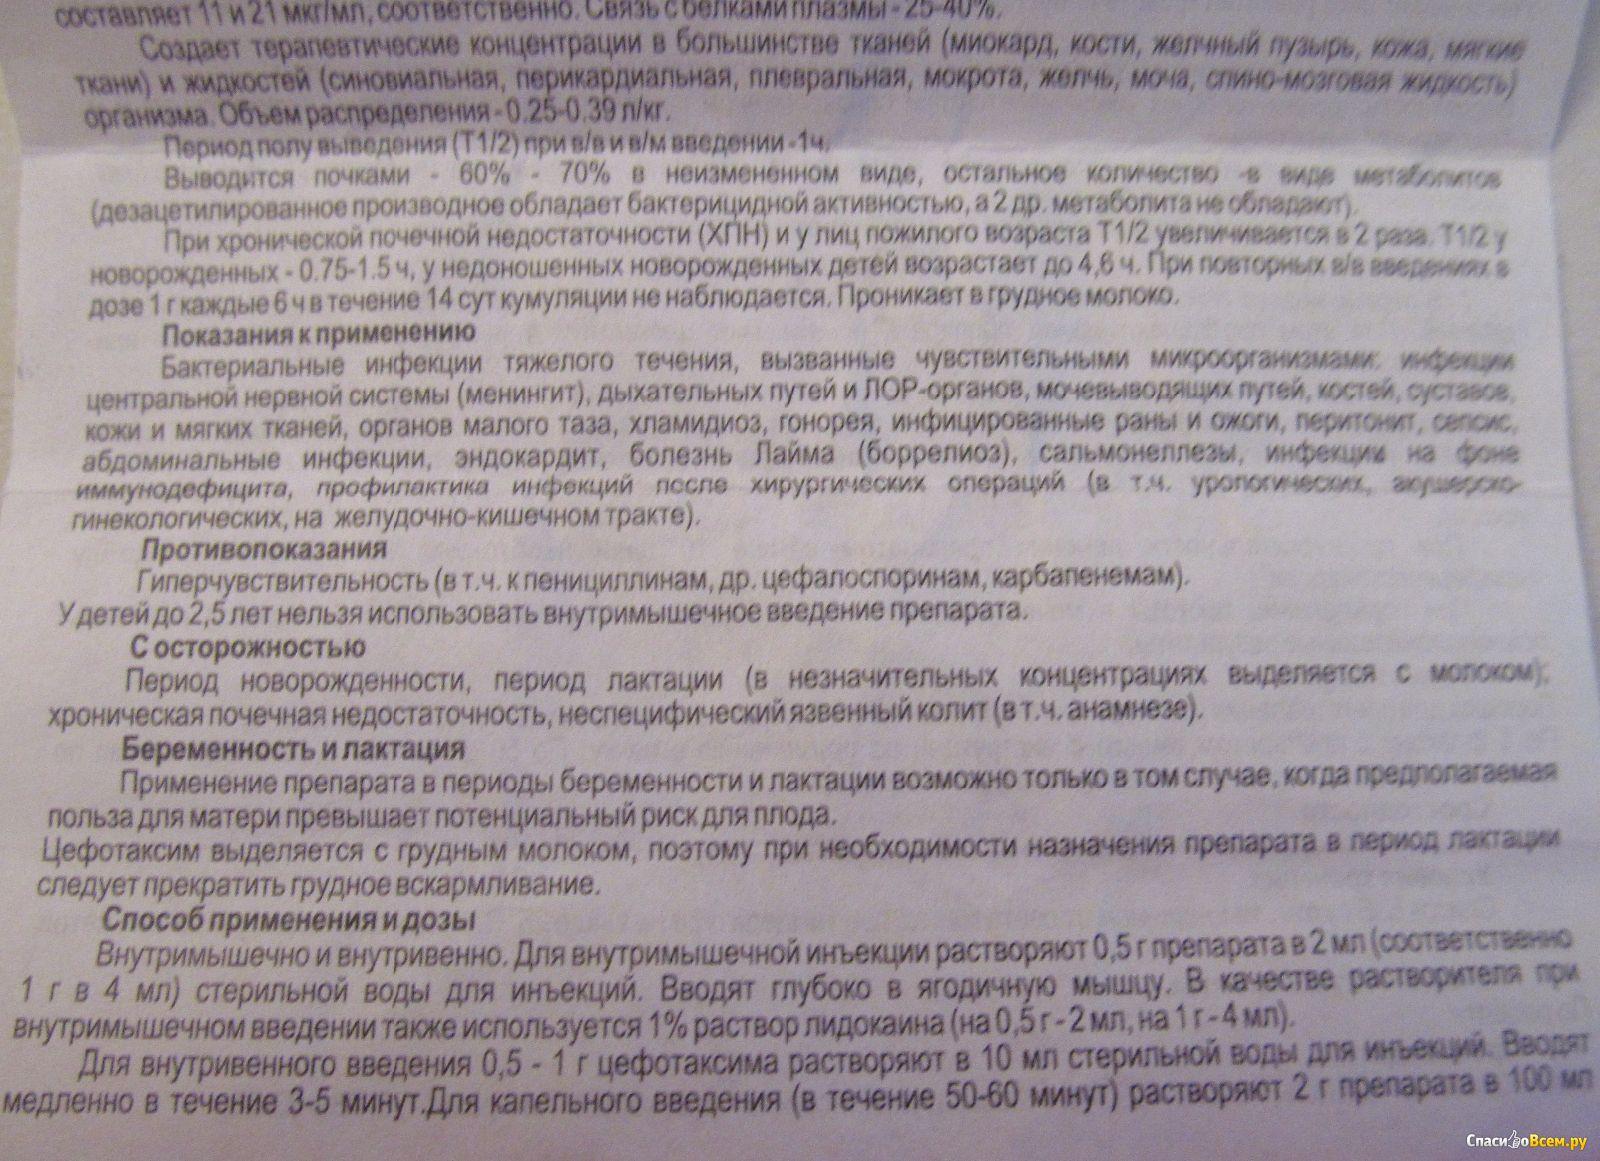 Цефазолин инструкция по применению, отзывы, показания к приему.